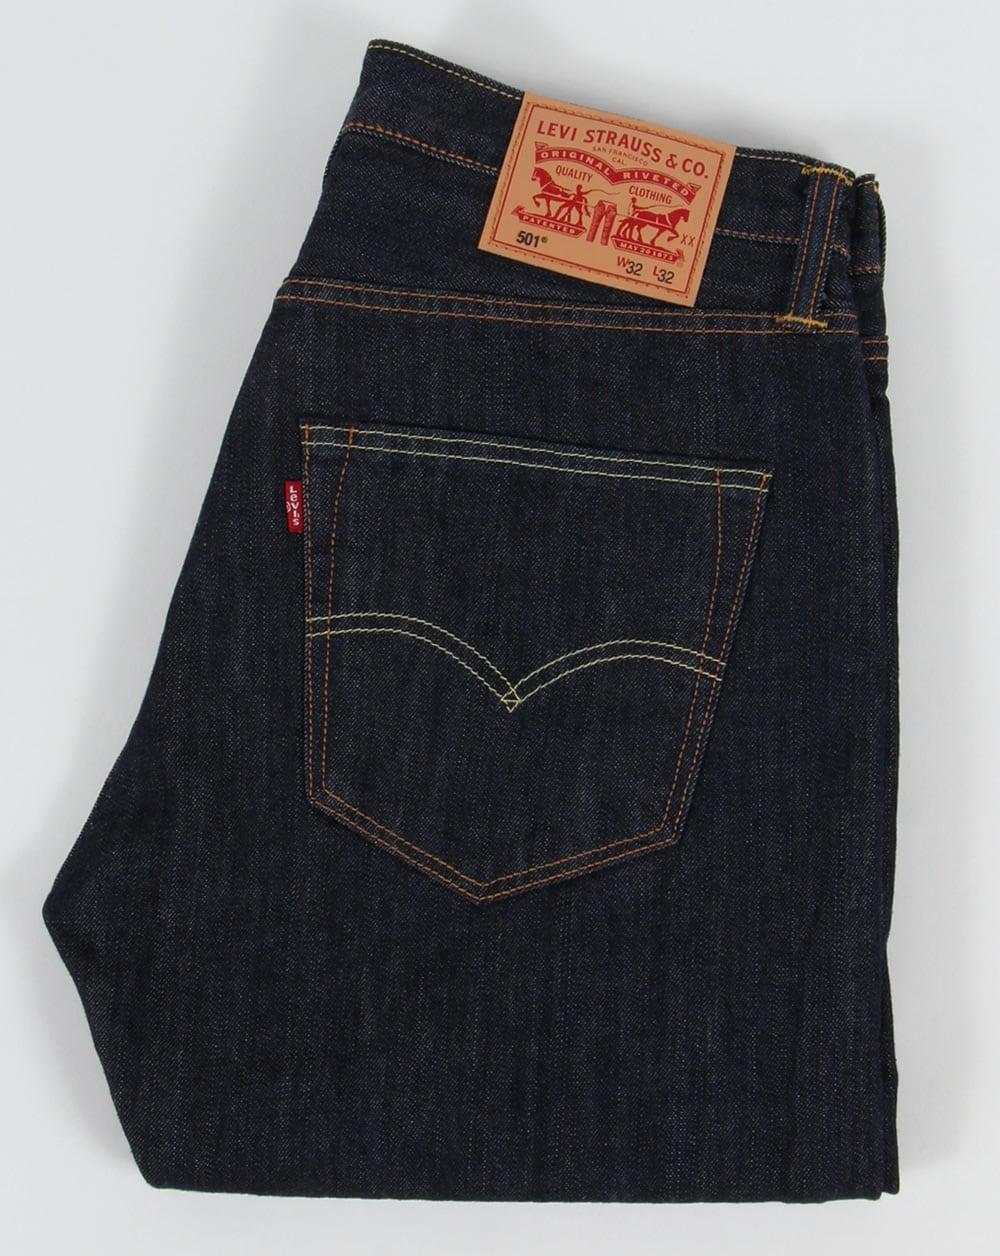 levis 501 original jeans rigid dark wash marlon fitdenim